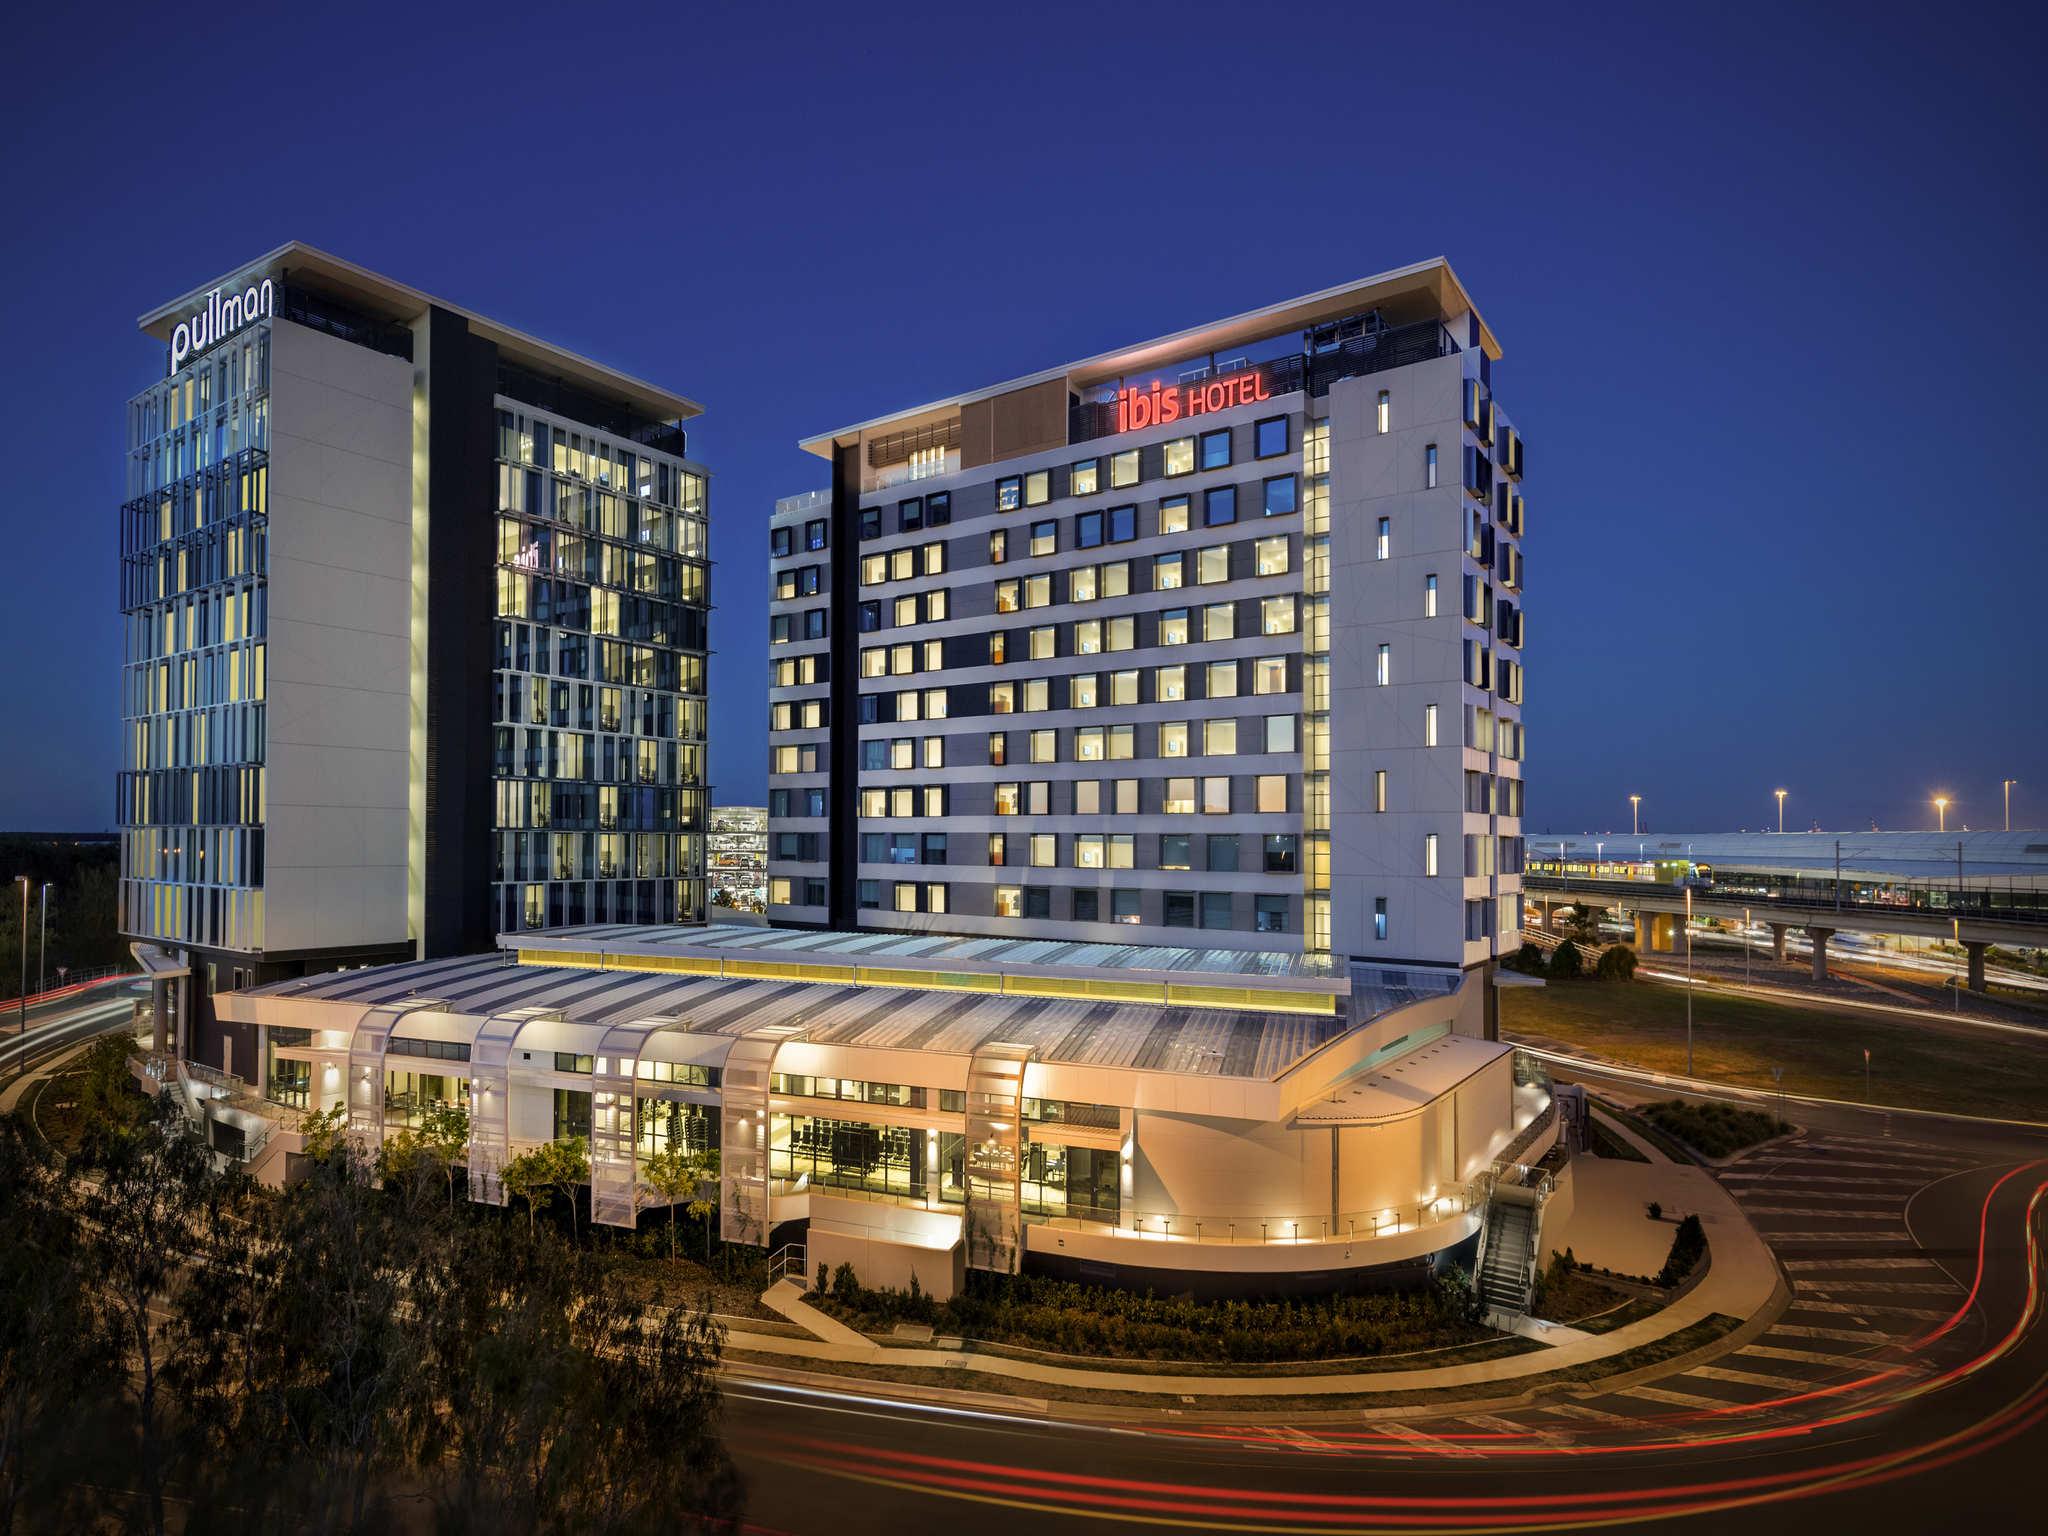 Reservation Ibis Hotel